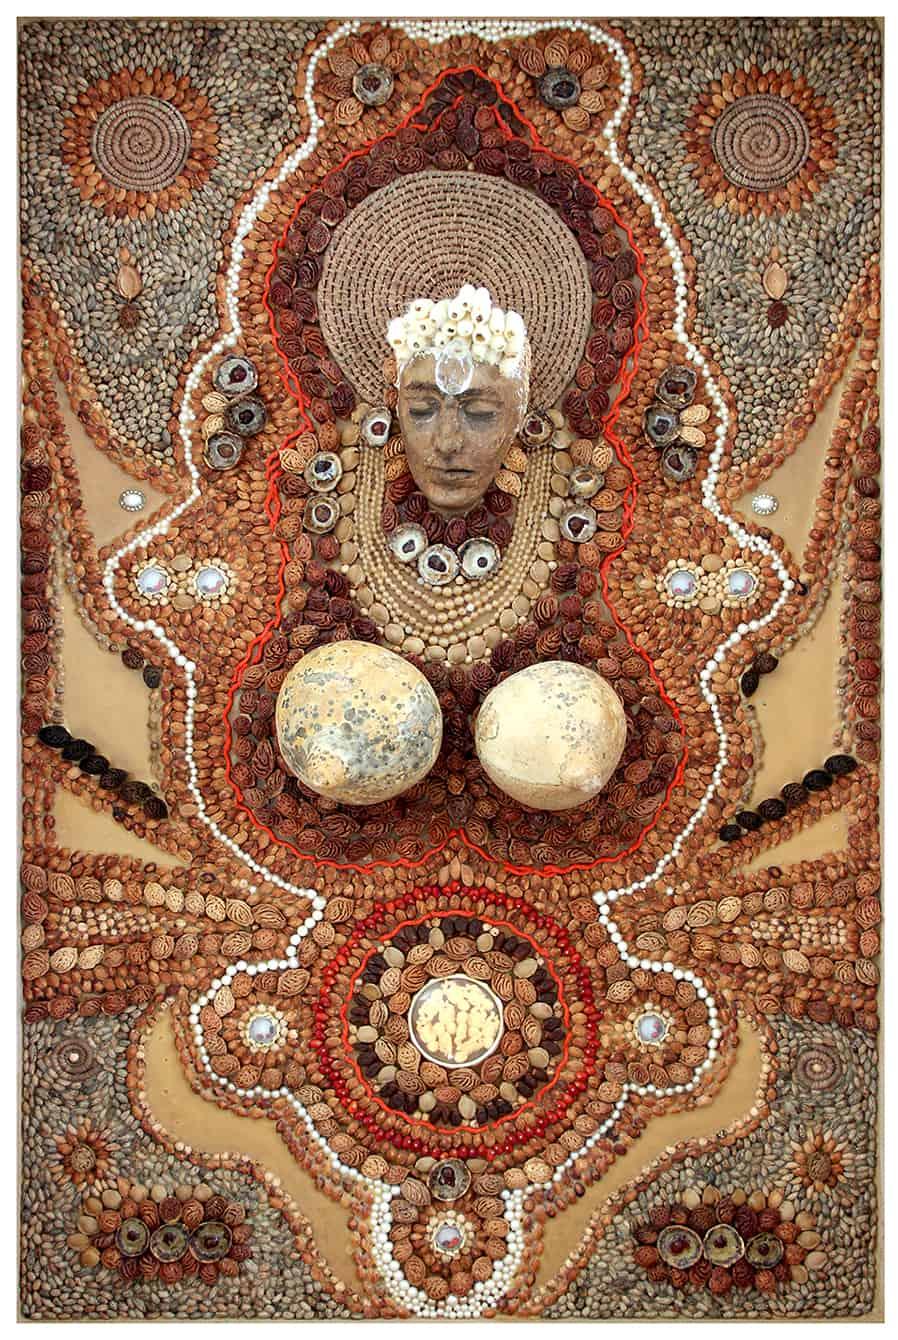 """עבודה של מיכל בלייר, מתוך התערוכה """"עושות היסטוריה"""" במוזיאון חיפה"""